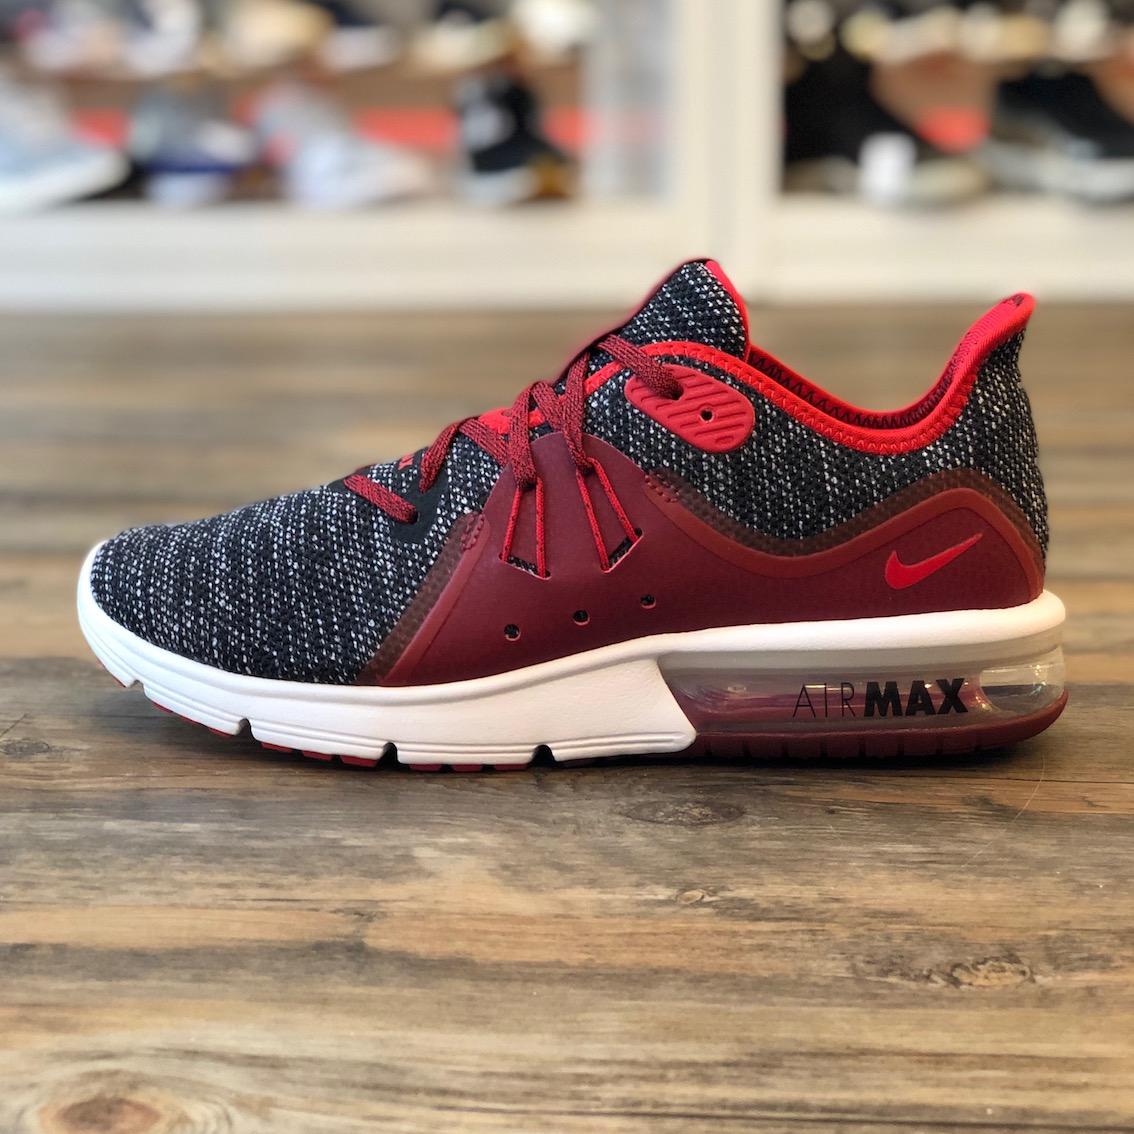 Details zu Nike Air Max Sequent 3 Gr.40 Sneaker Schuhe Running rot 921694 015 Herren Sport